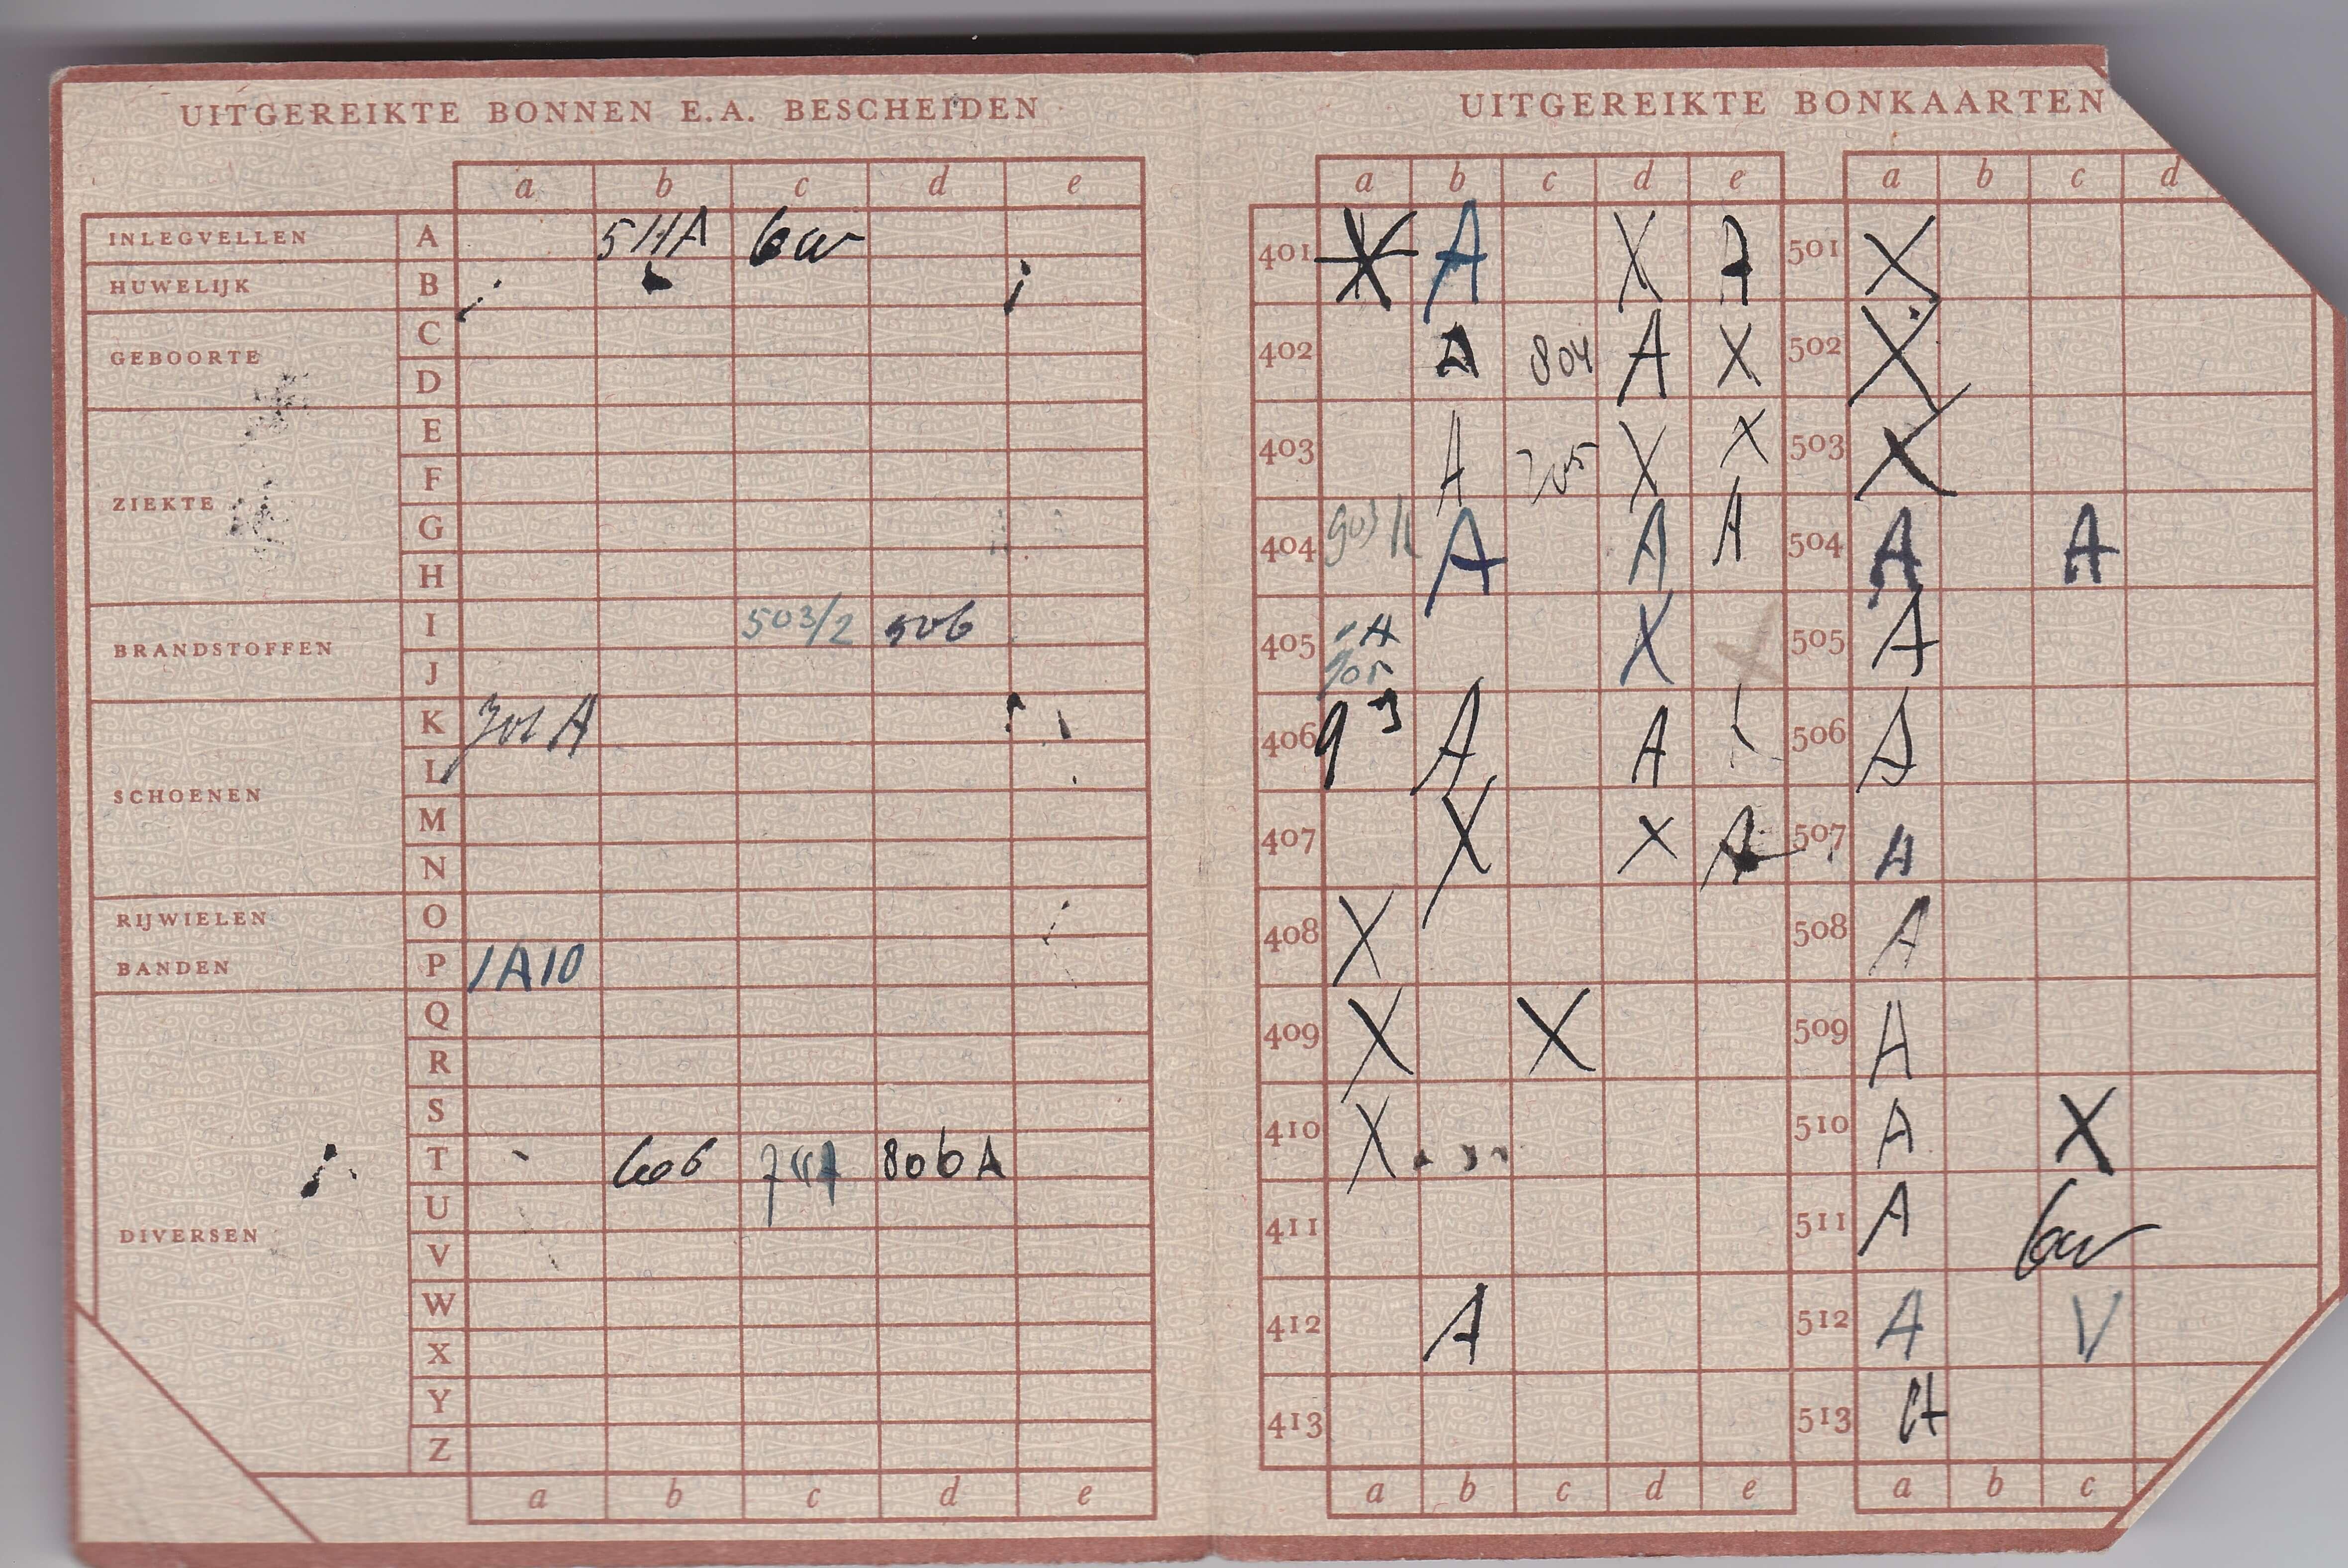 Tweede distributie stamkaart uit de tweede wereldoorlog